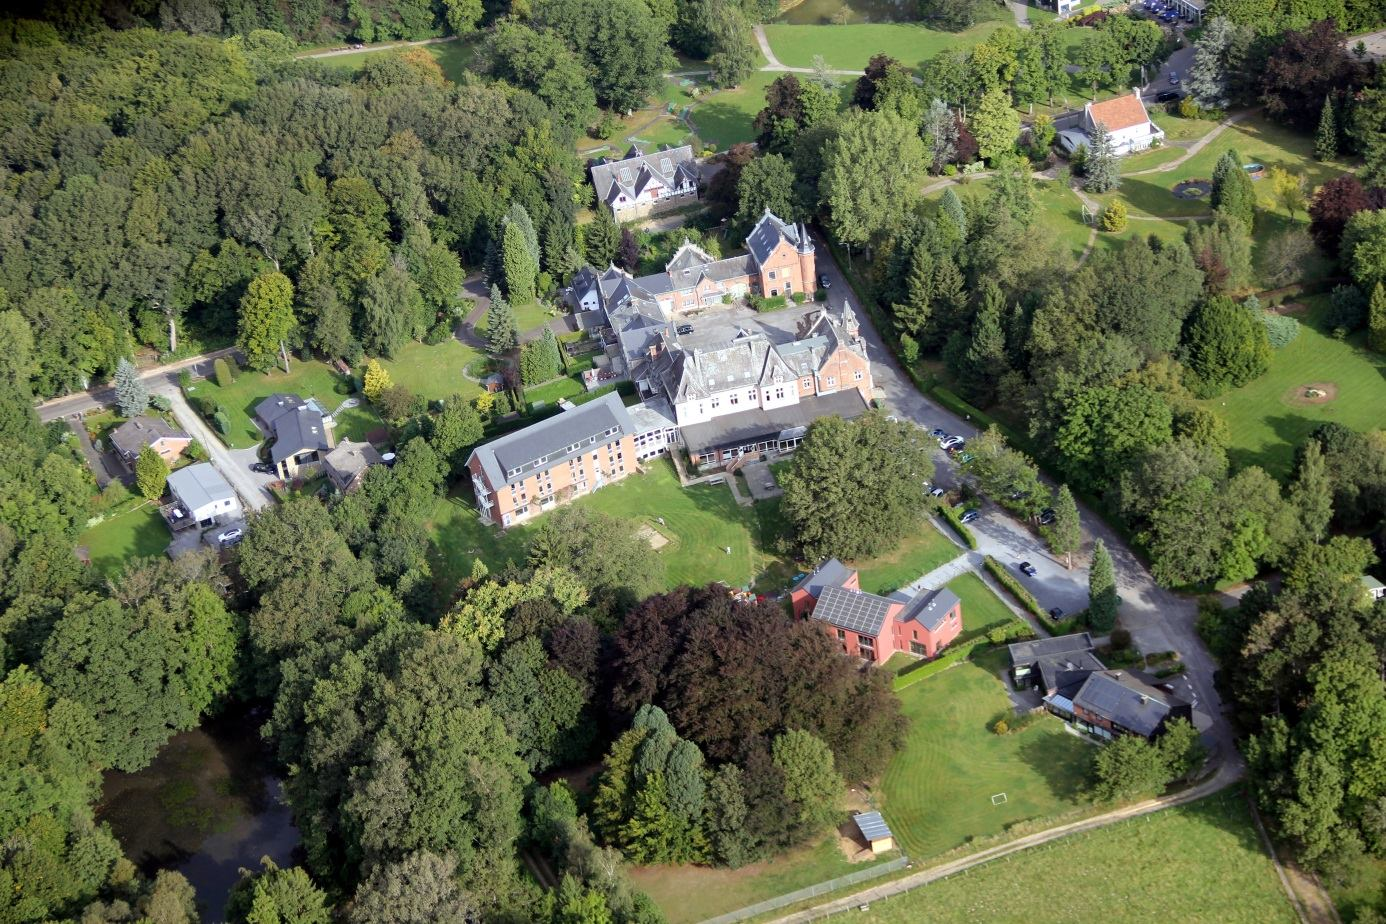 Le Château Roseraie: maison d'accueil pour adultes déficients mentaux